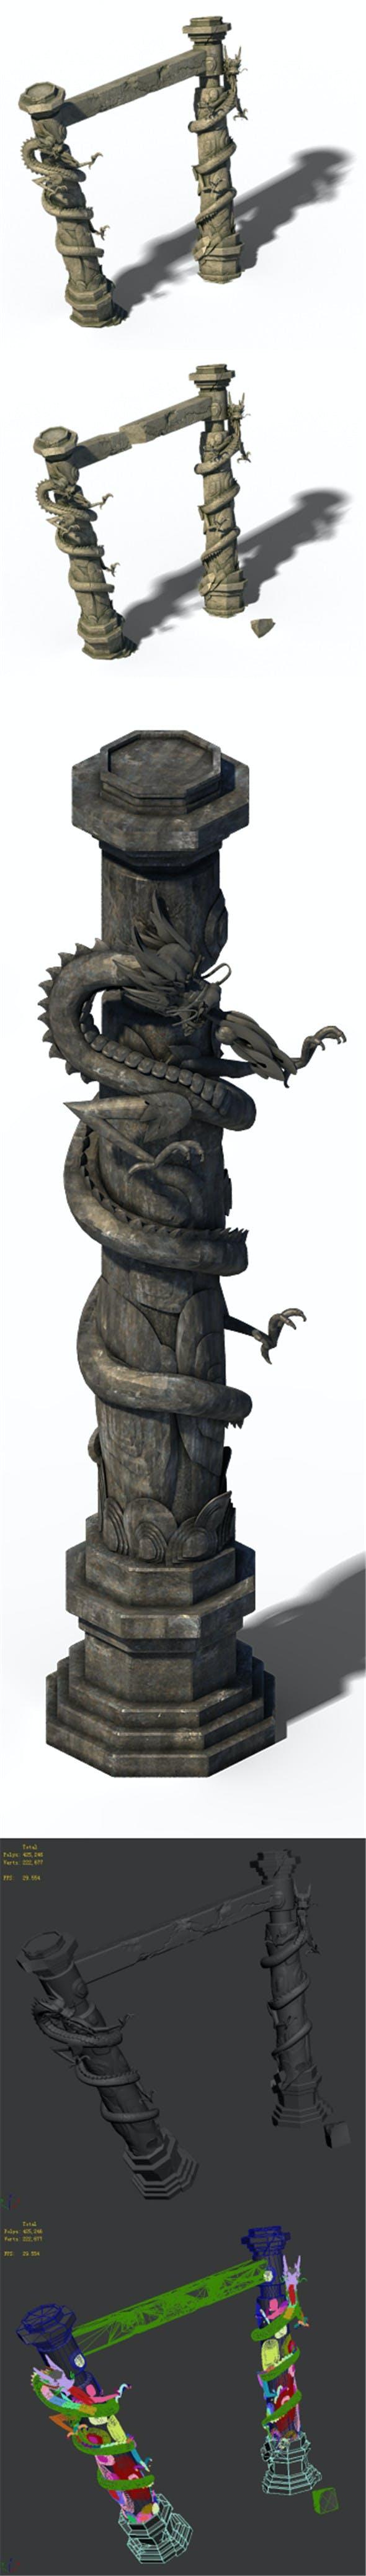 Building Decoration - Panlong Column 03 - 3DOcean Item for Sale